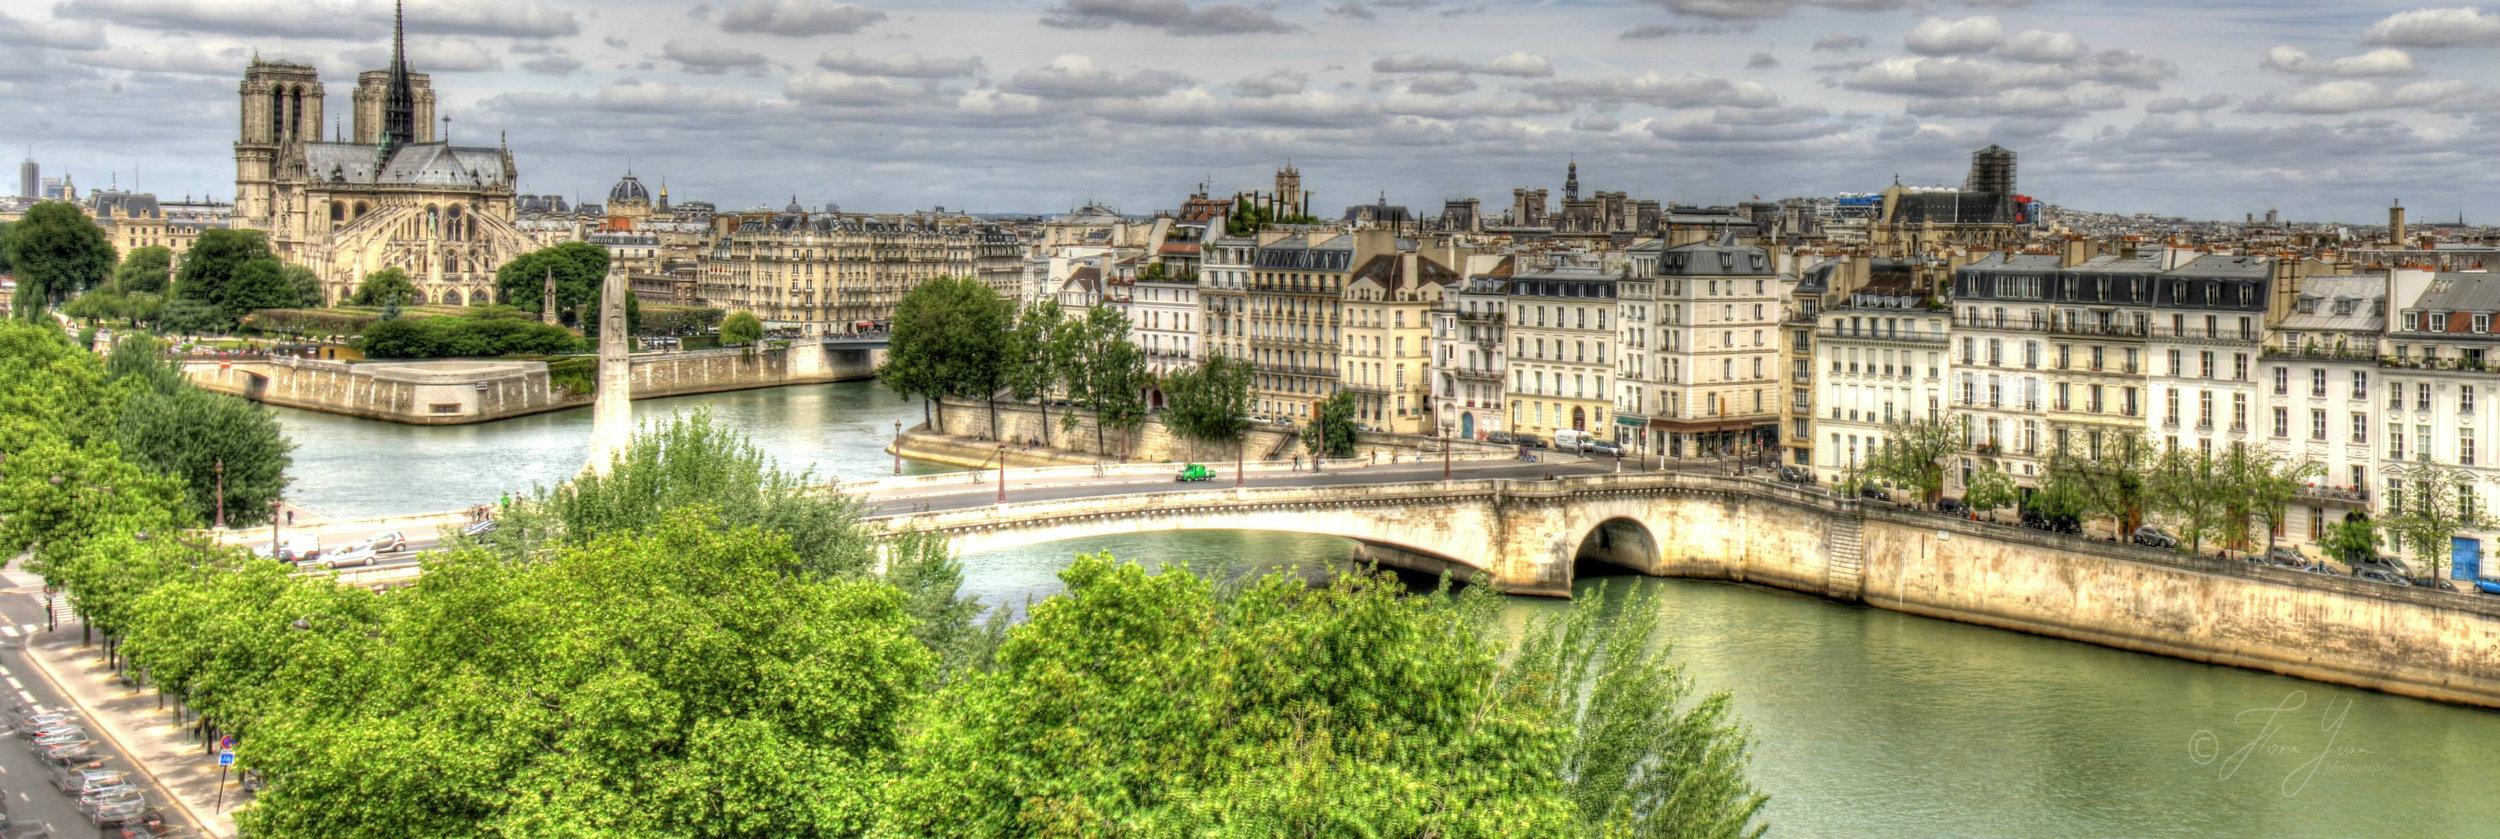 Paris, where I grew up -